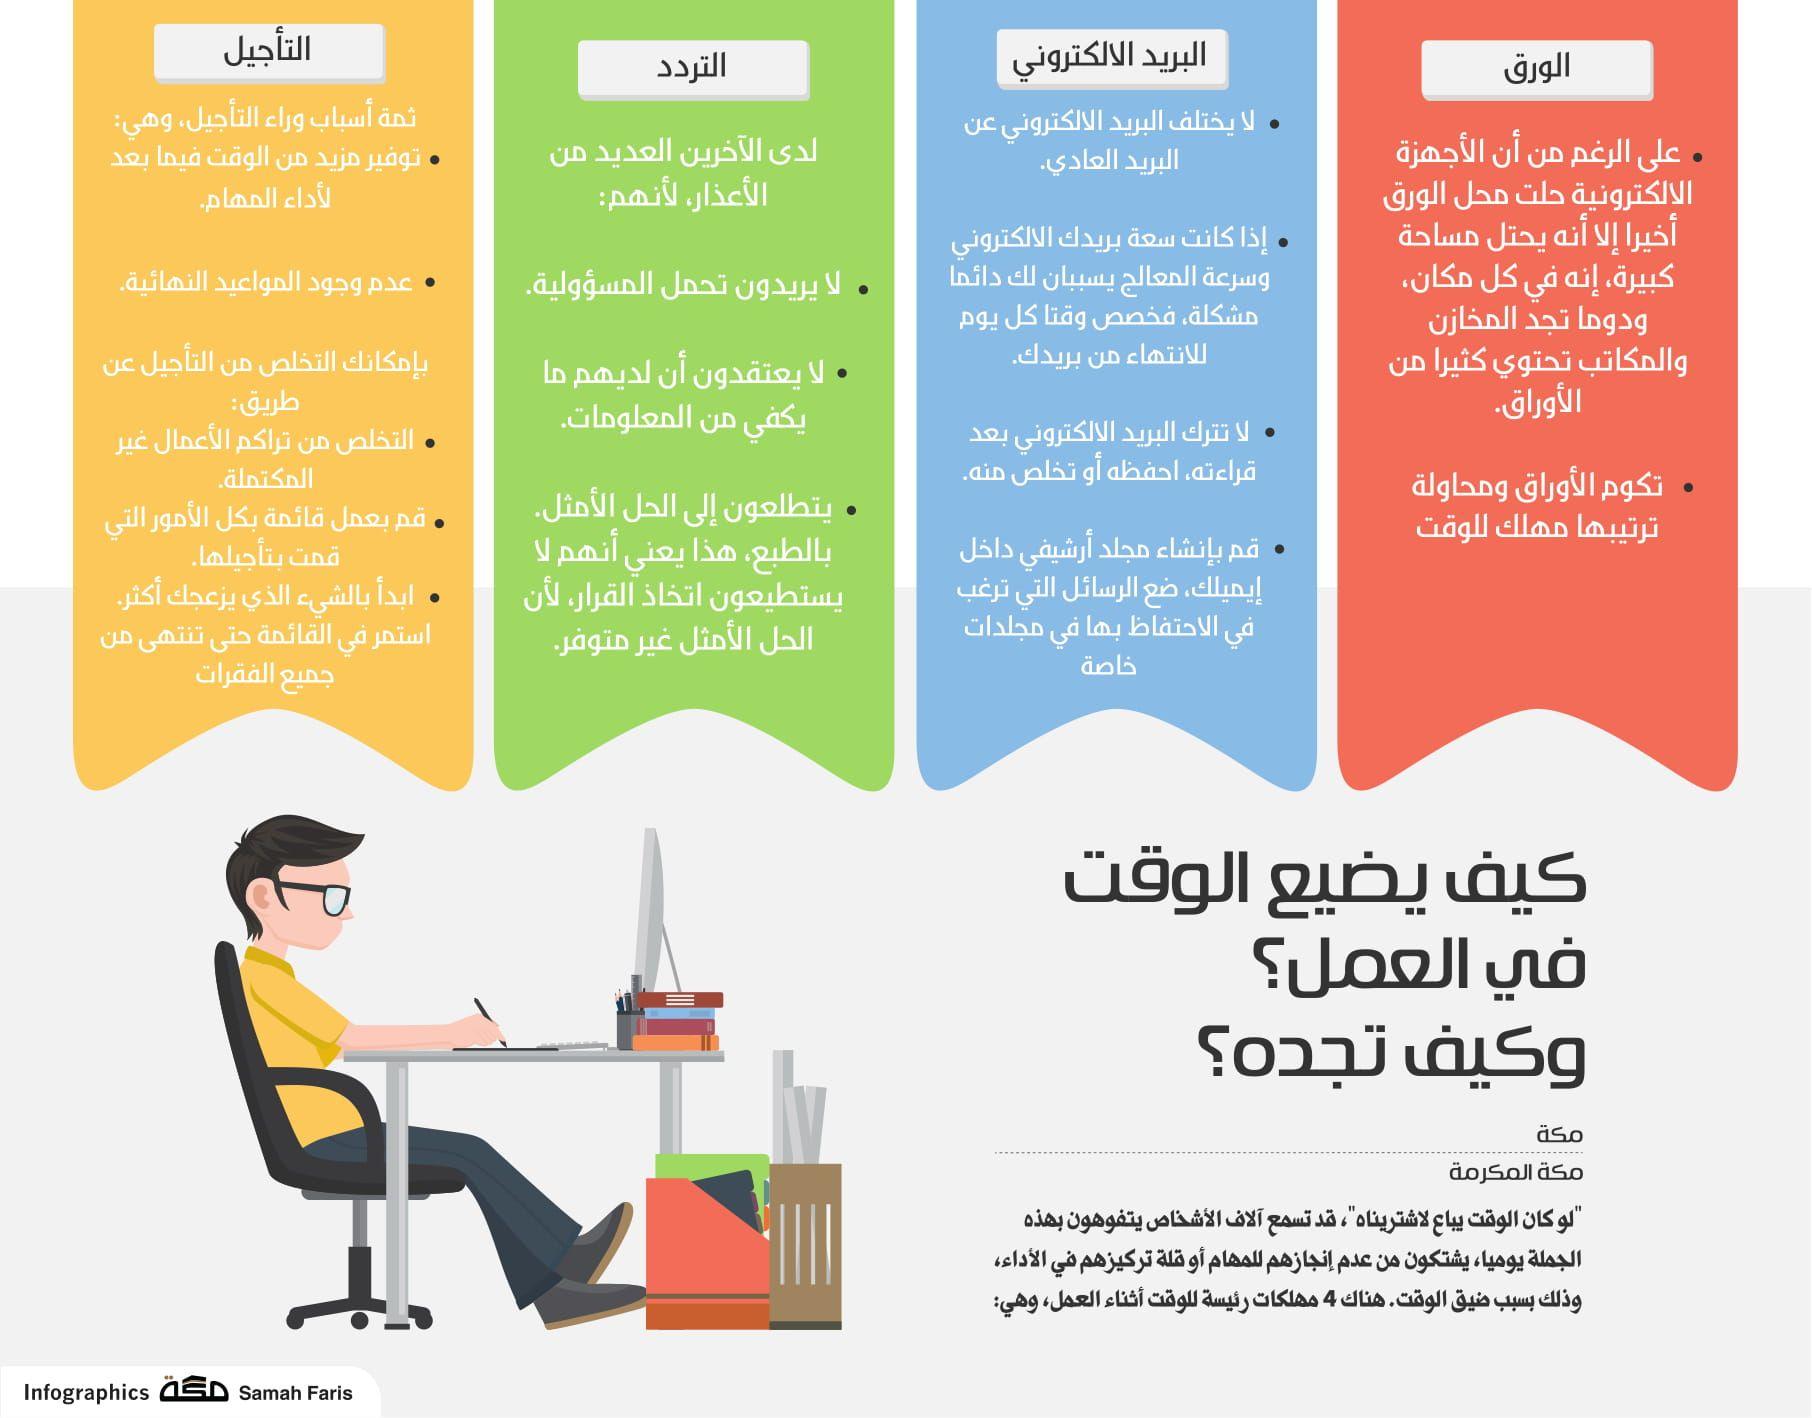 كيف يضيع الوقت في العمل وكيف تجده صحيفة مكة انفوجرافيك توظيف Infographic